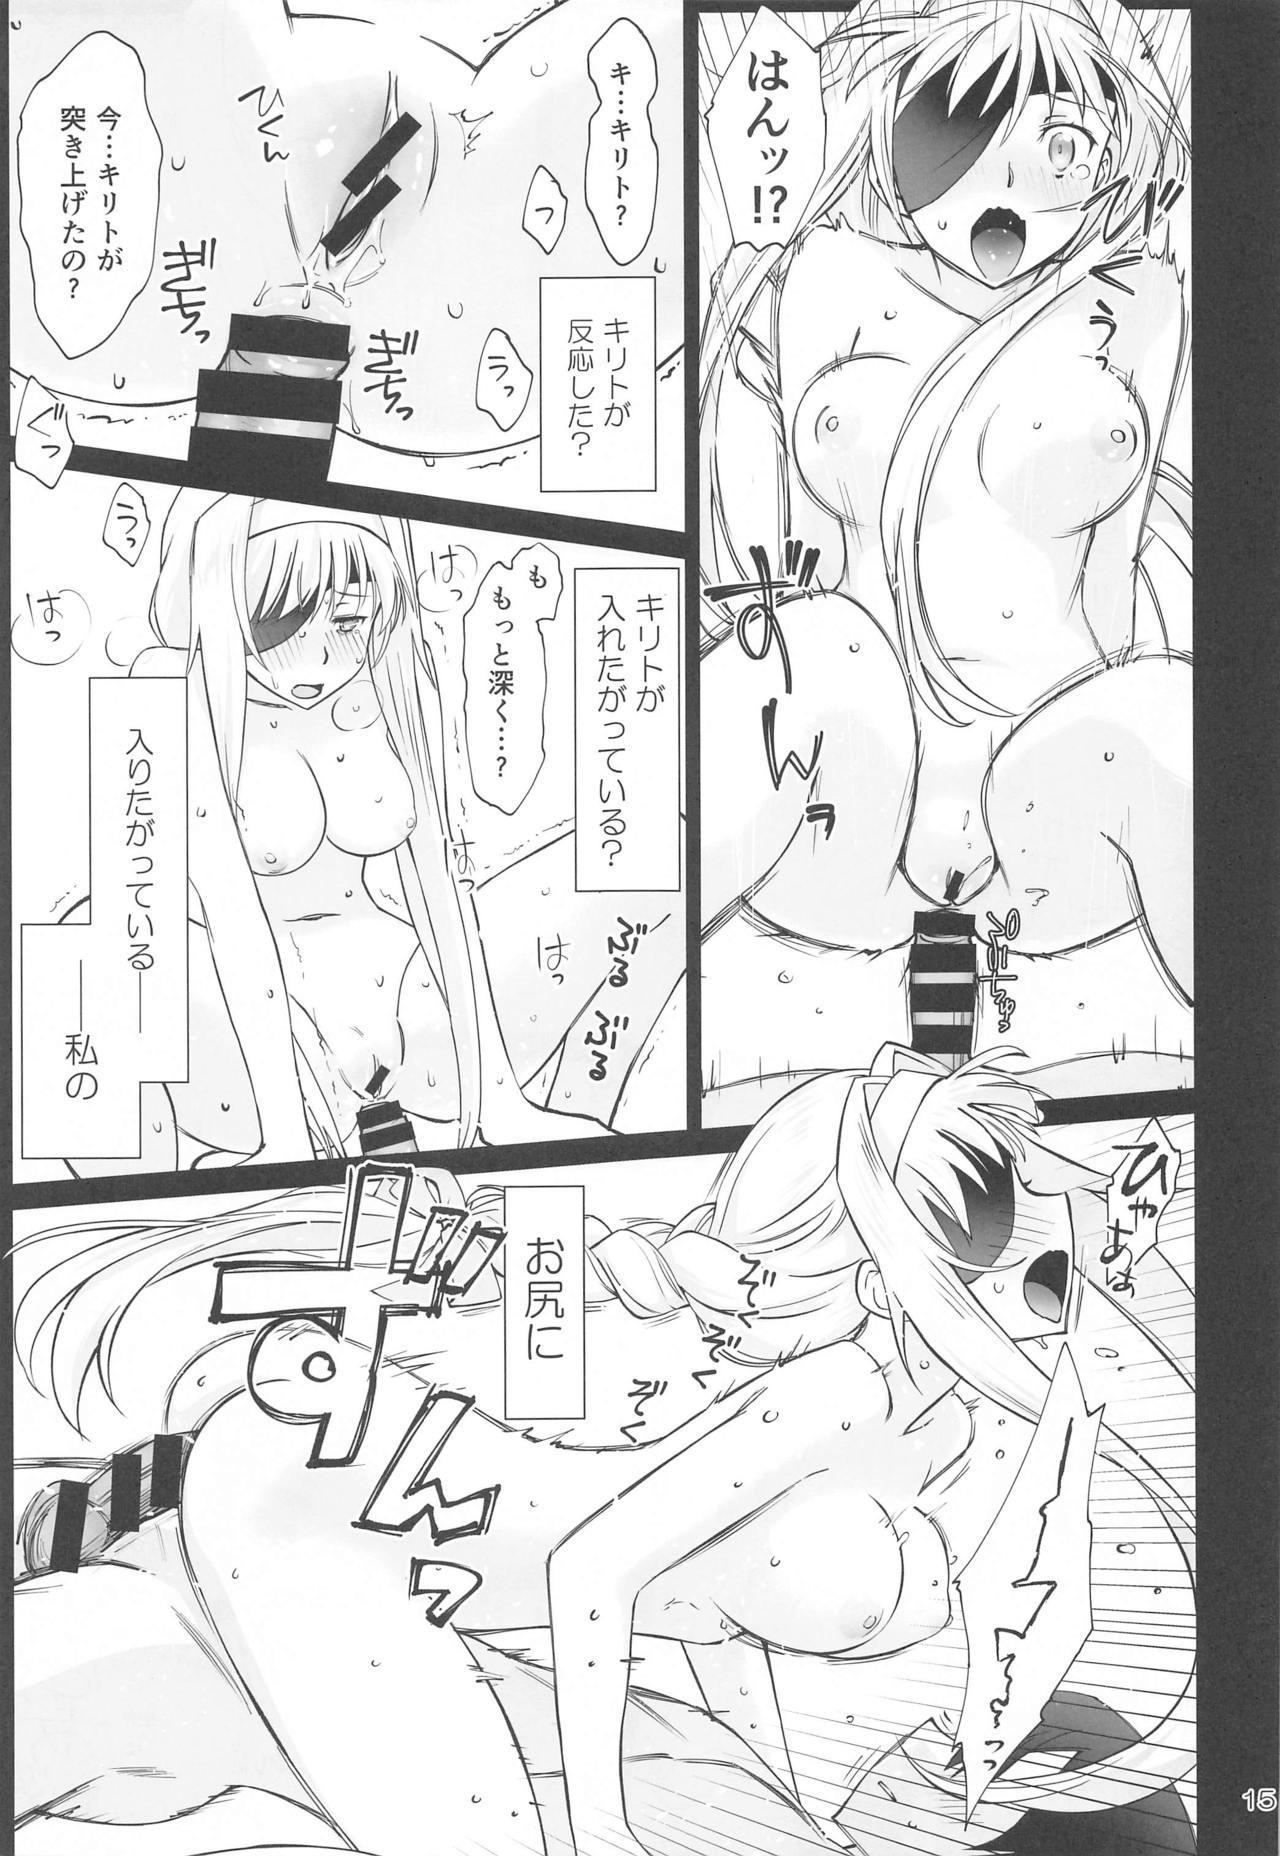 Tent no Ouji-sama 13